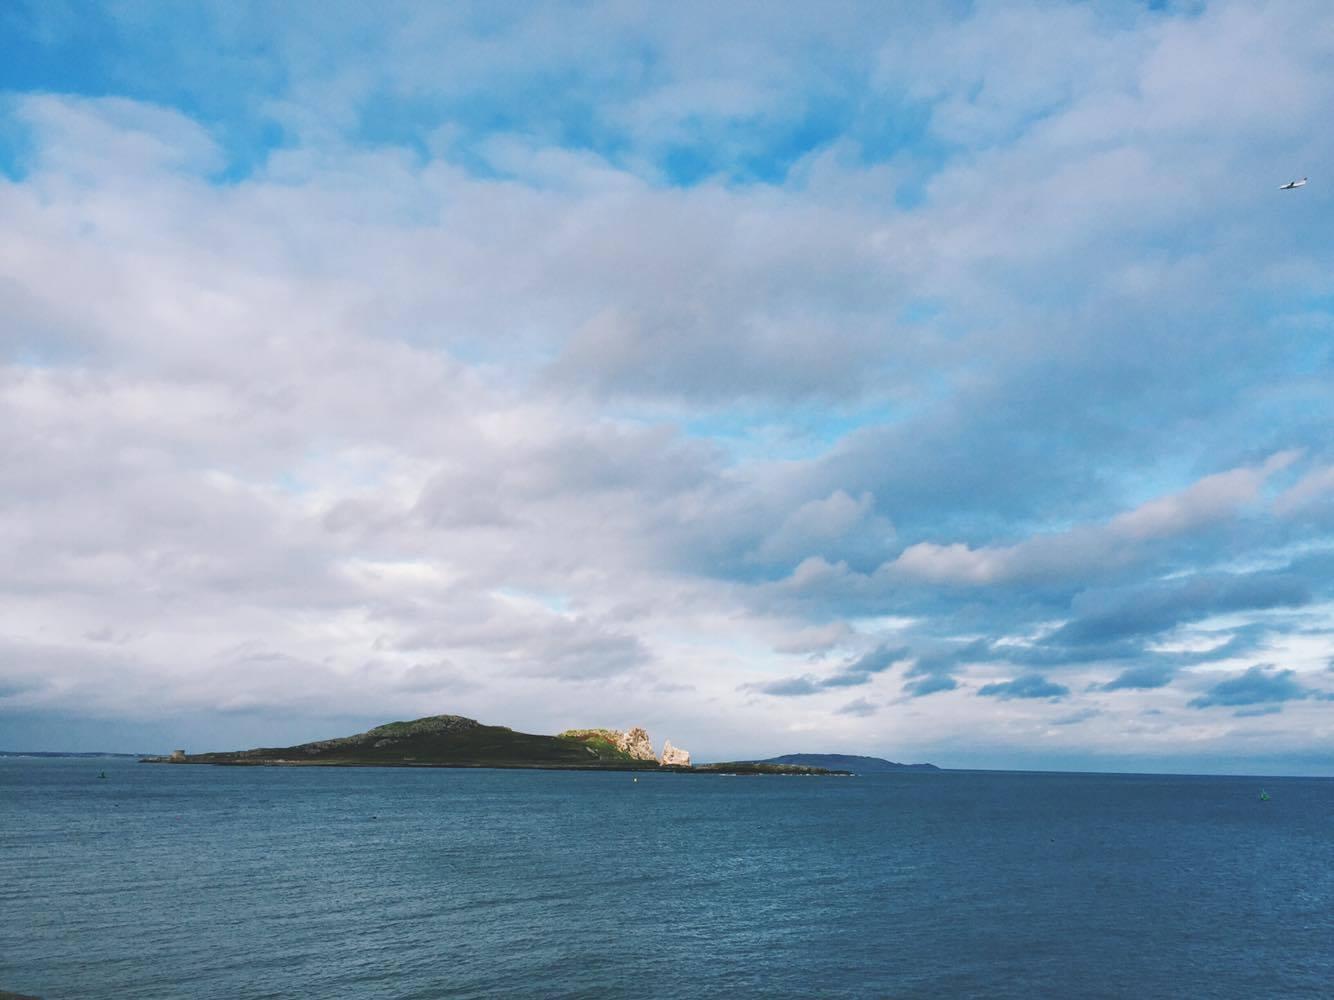 Sicht auf Ireland's Eye Island / Lambay Island